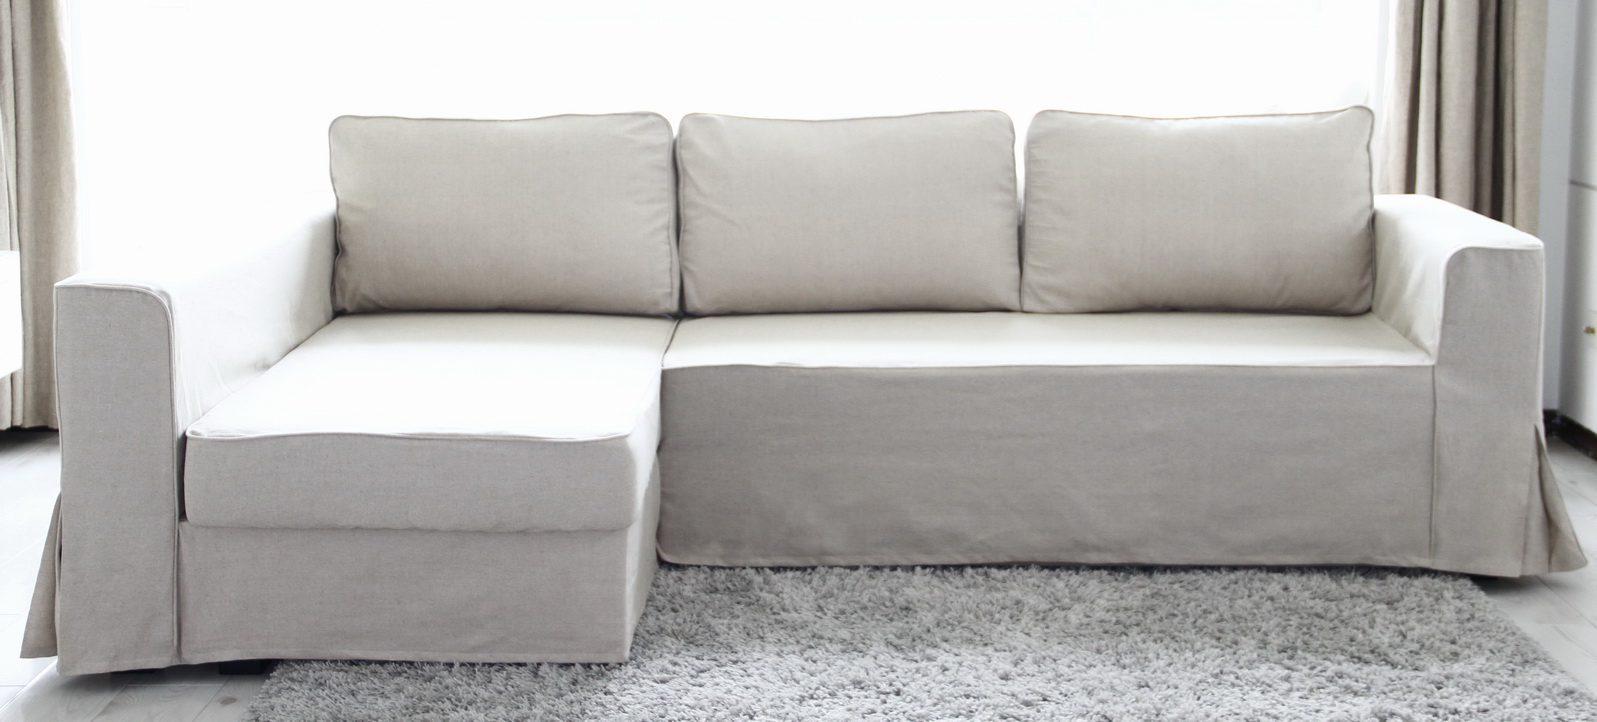 Funda de ajuste suelto manstad disponible - Funda sofa manstad ...